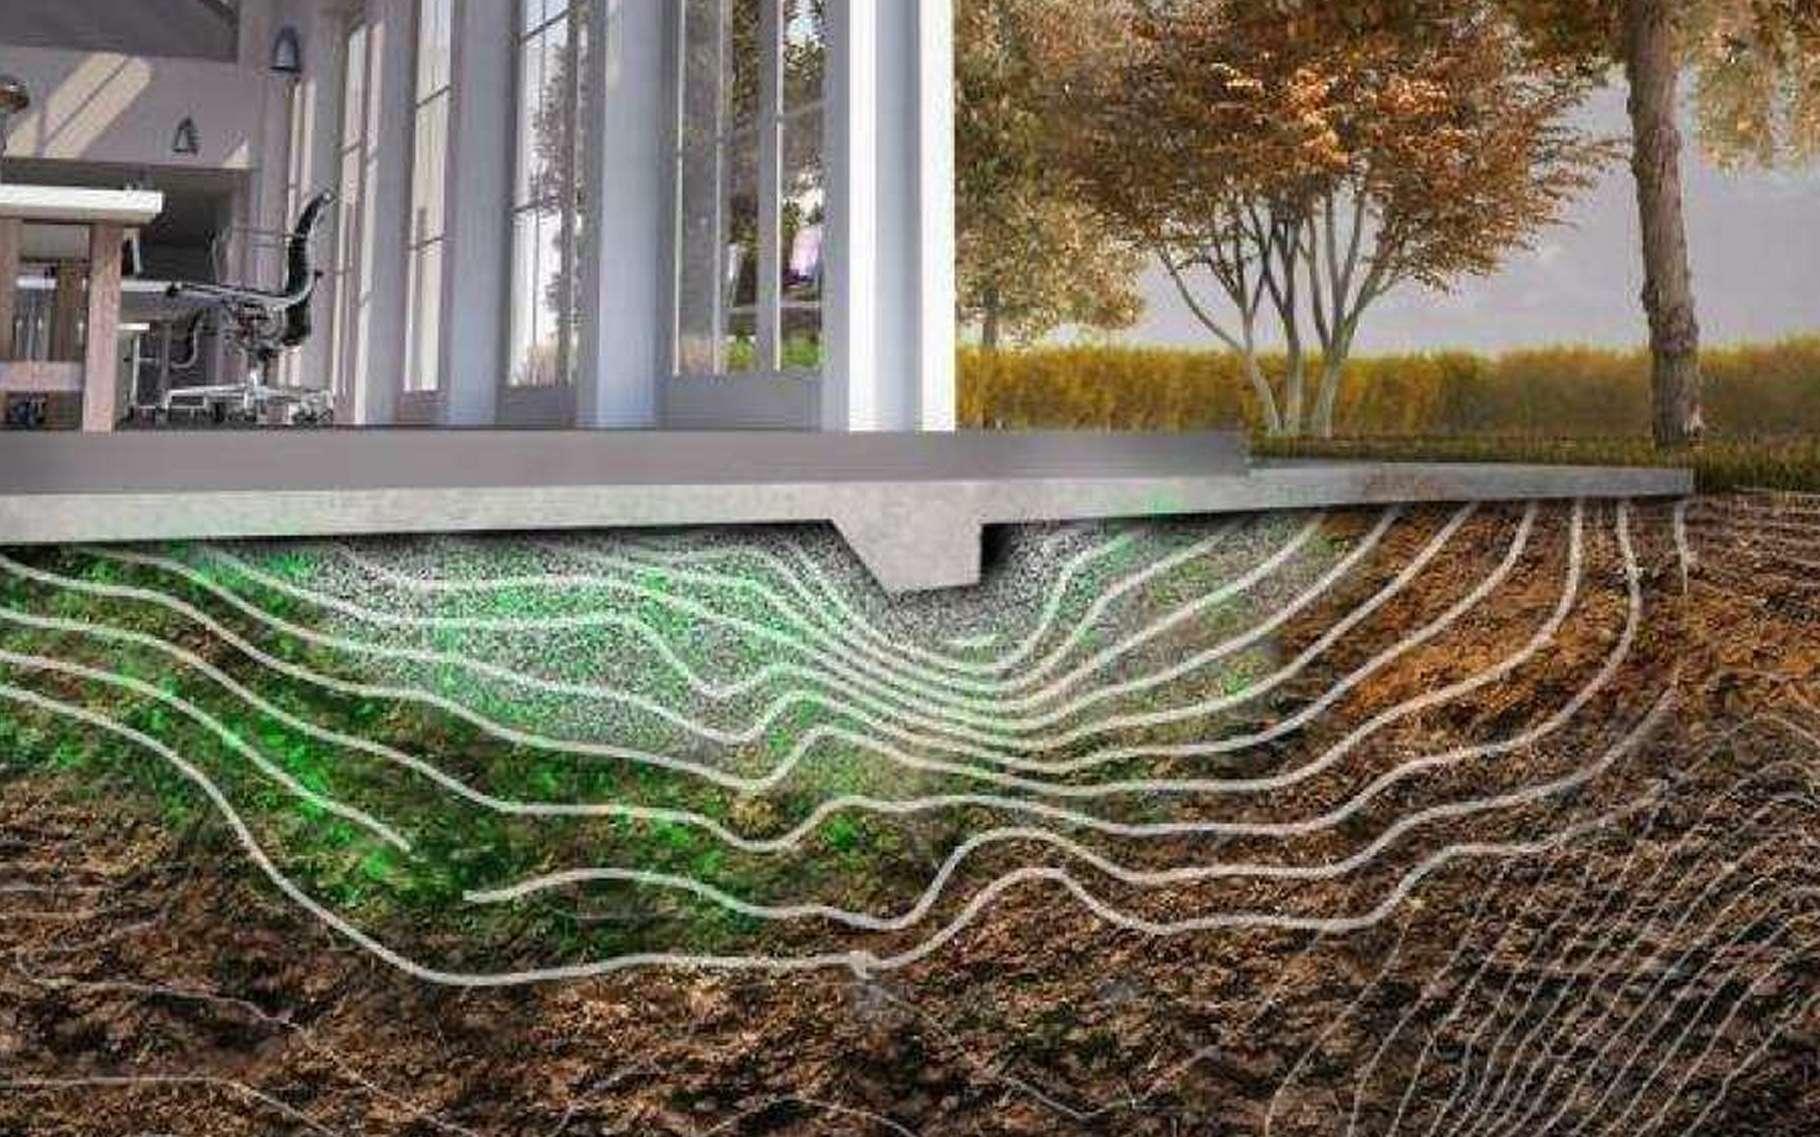 Domestiquées, des bactéries pourraient former dans le sol des matrices de polymères ou de calcite qui constitueraient de belles fondations pour un bâtiment à construire. © Carolina Ramirez-Figueroa, Luis Henan